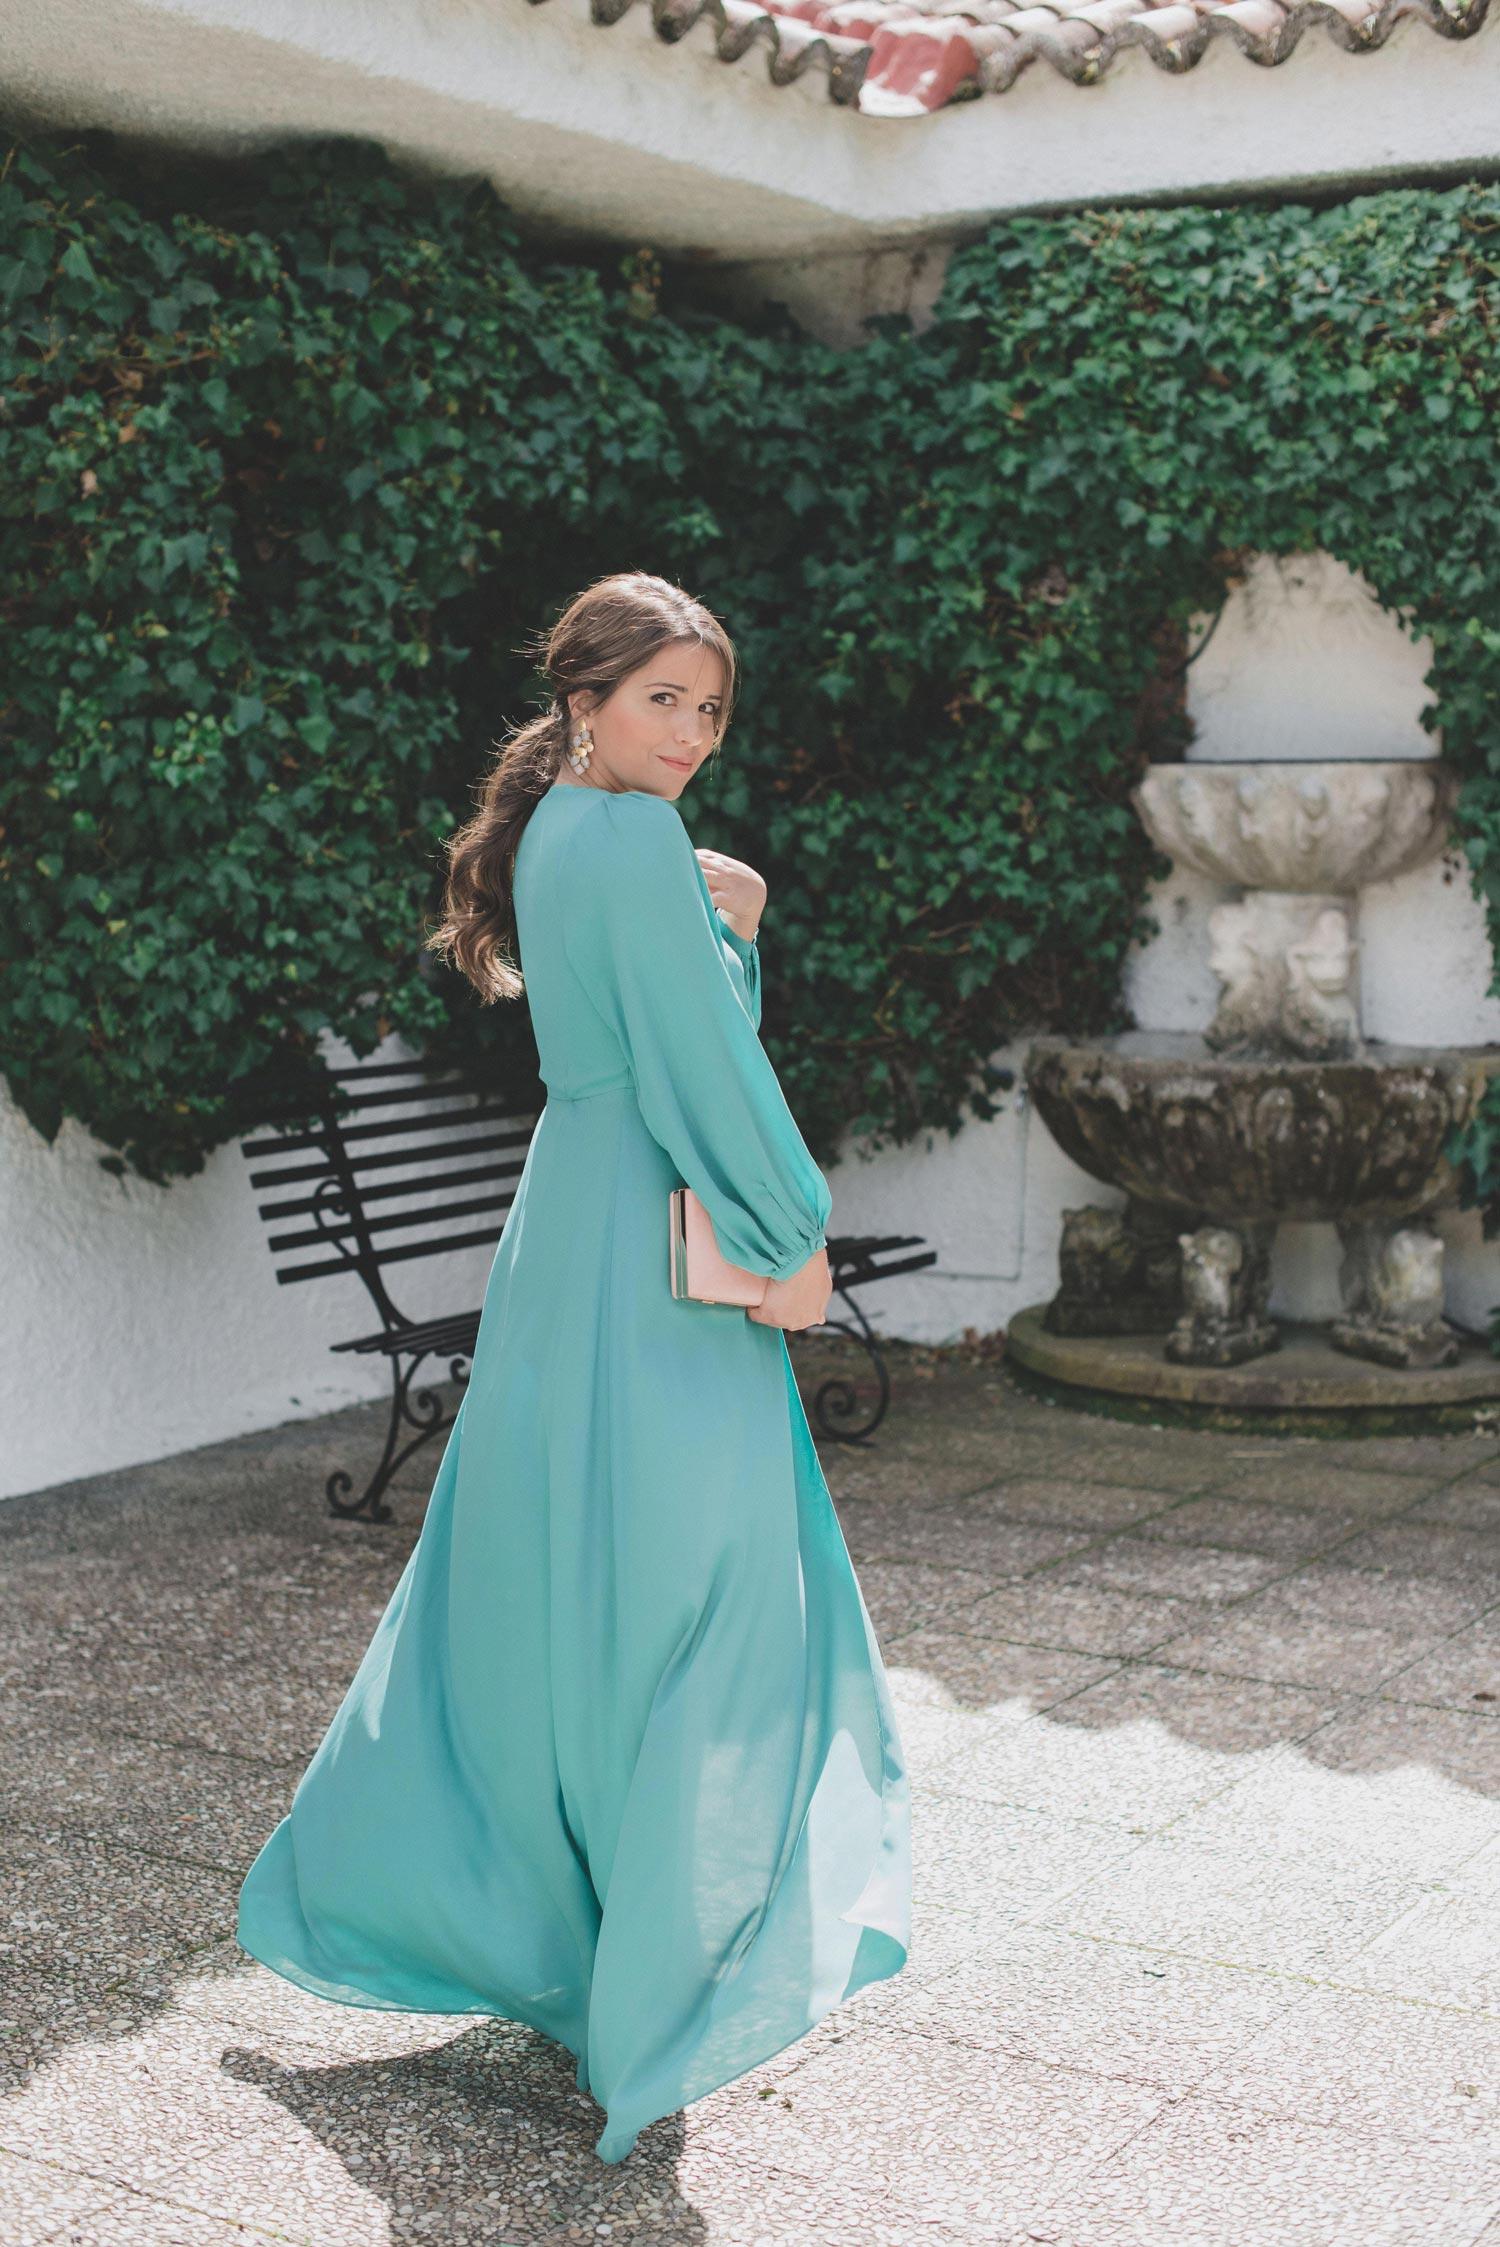 loreto-made-in-style-pendientes-acus-complementos-vestido-largo-invitada-sophie-lu-03